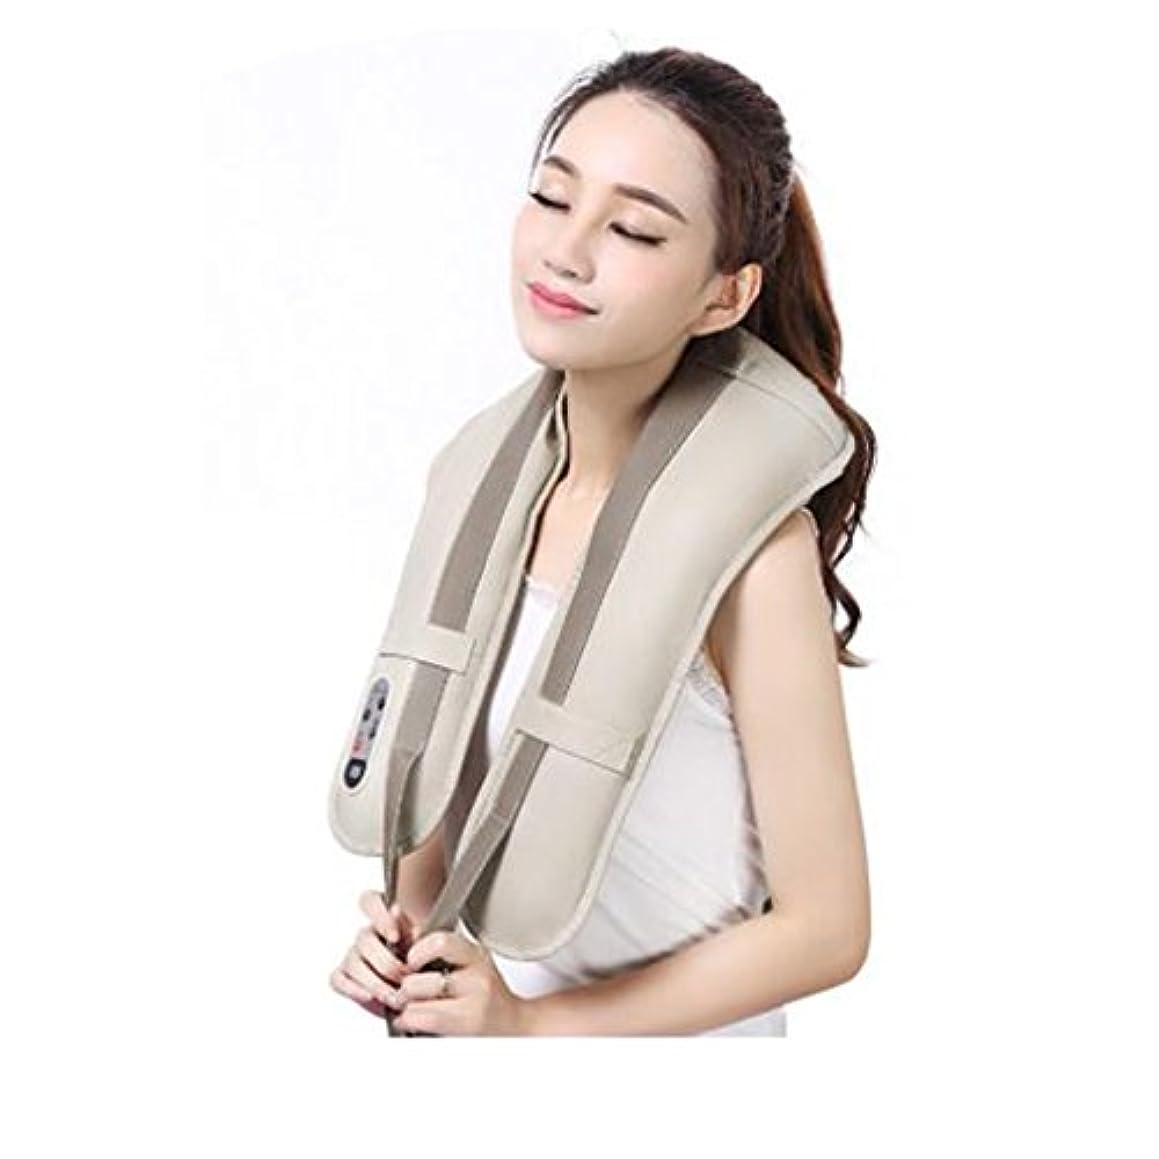 机ラグキノコホットネックマッサージャーポータブル電気パーカッション頸部マッサージショールの痛みの首と肩の多機能タップマッサージャー (色 : A)